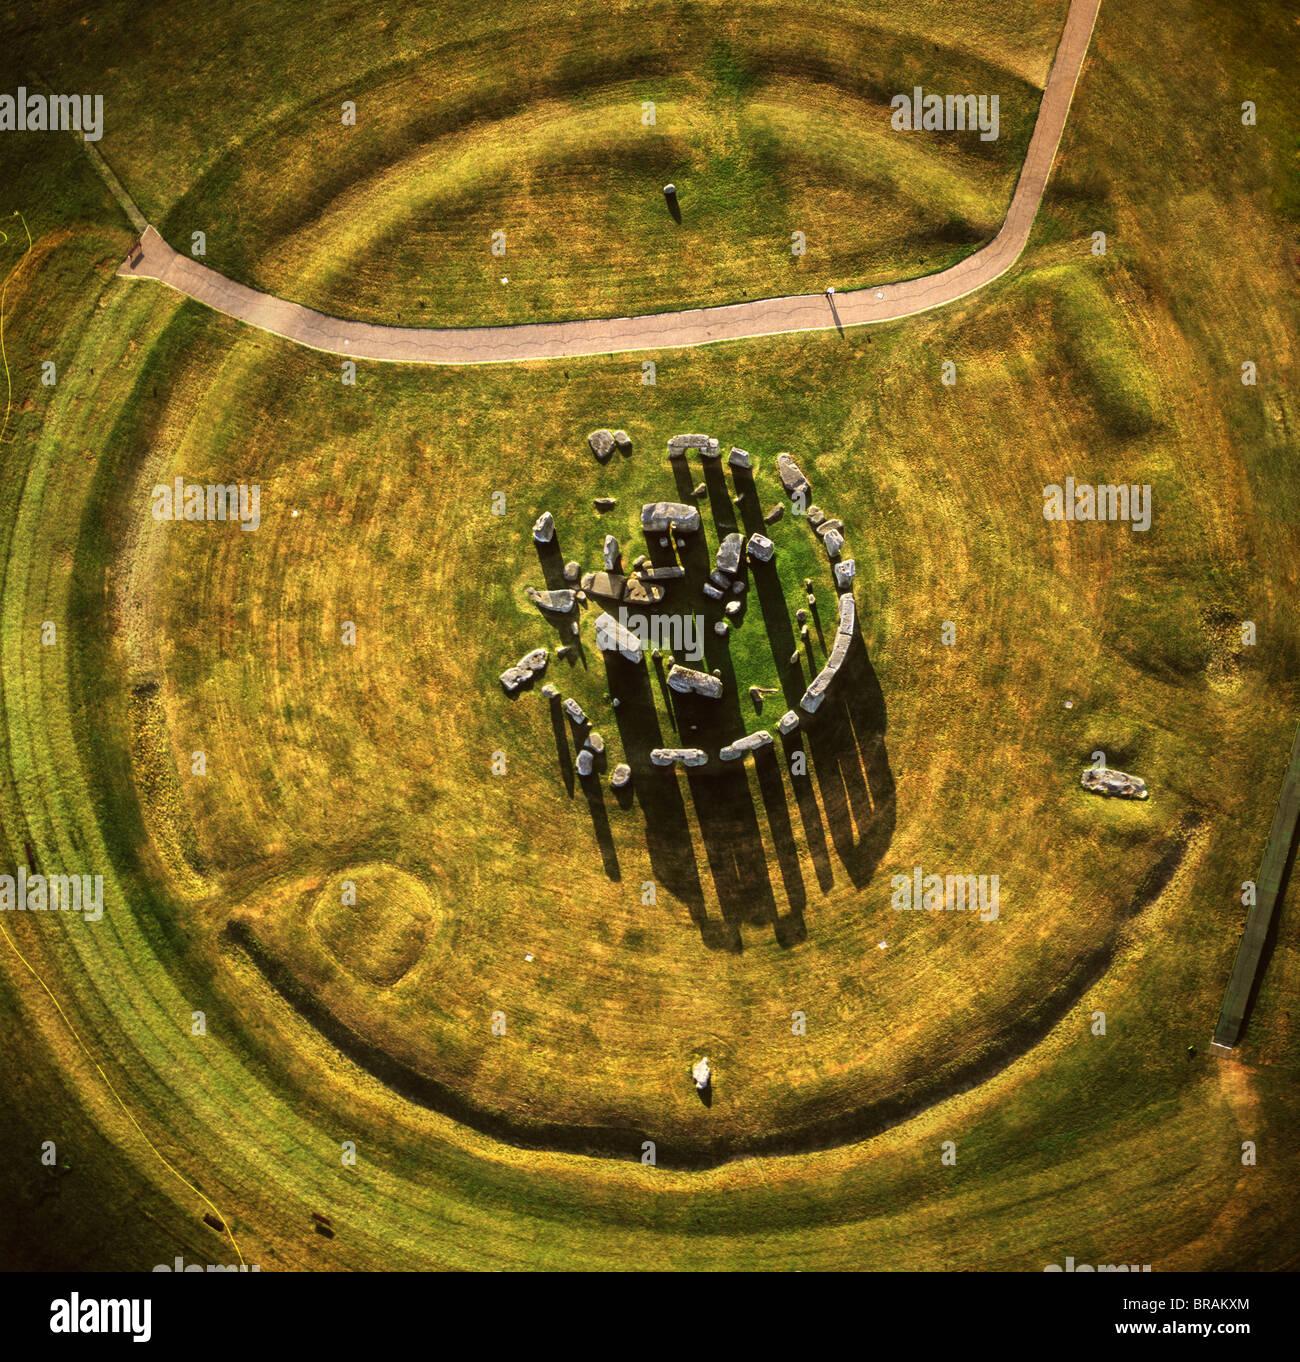 Immagine aerea di Stonehenge, monumento preistorico e il cerchio di pietra, UNESCO, Salisbury Plain, Wiltshire, Immagini Stock